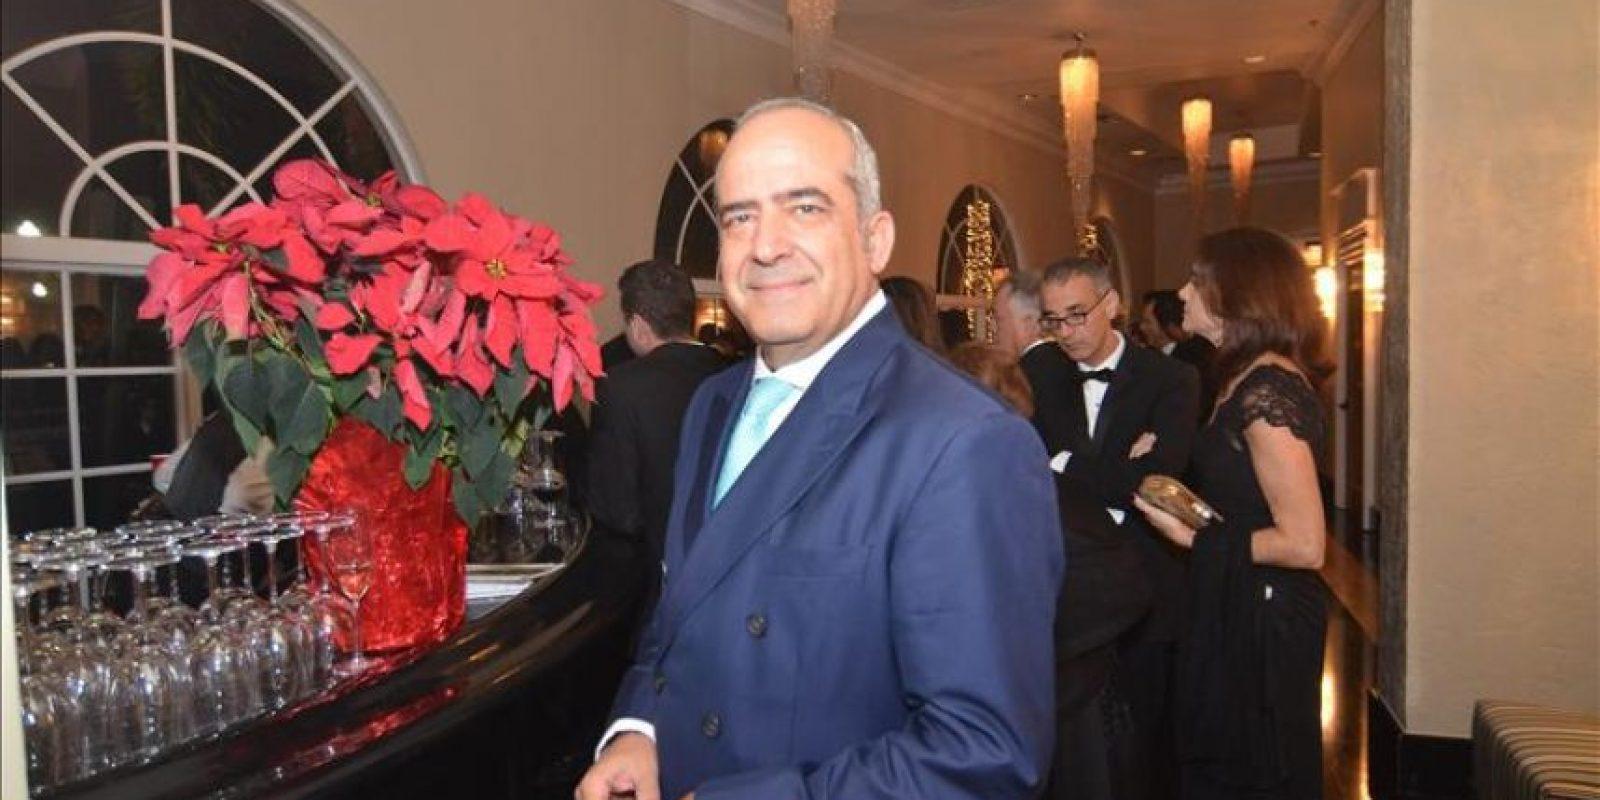 Francisco Cernuda, CEO de 100 Montaditos, en la trigesimo cuarta gala de la Cámara de Comercio España-EE.UU. que se lleva a cabo este 13 de diciembre 2014 en Coral Gables, Florida. EFE